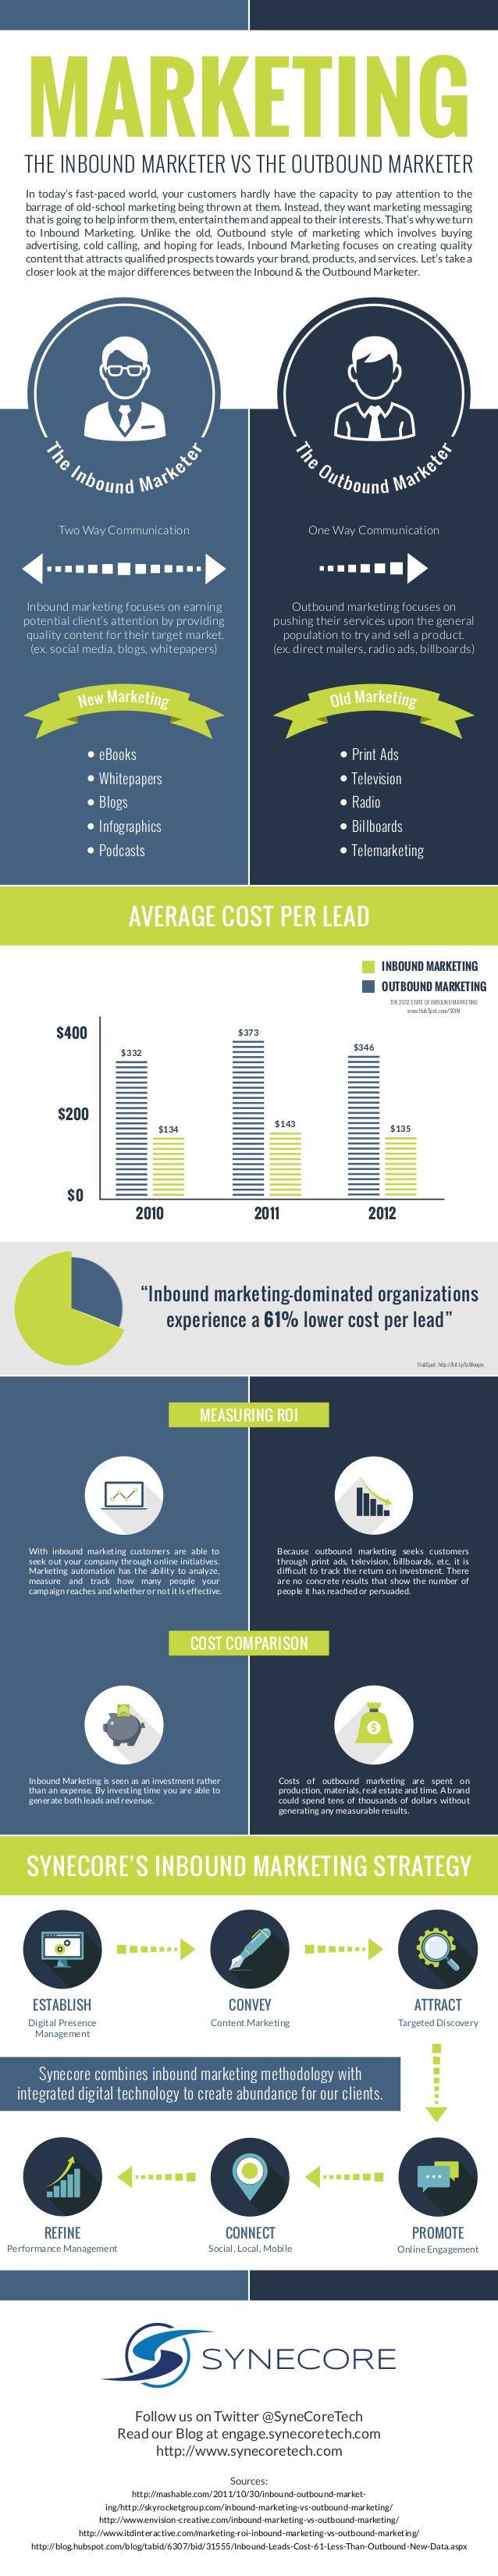 ¿Eres un profesional del marketing outbound o inbound?